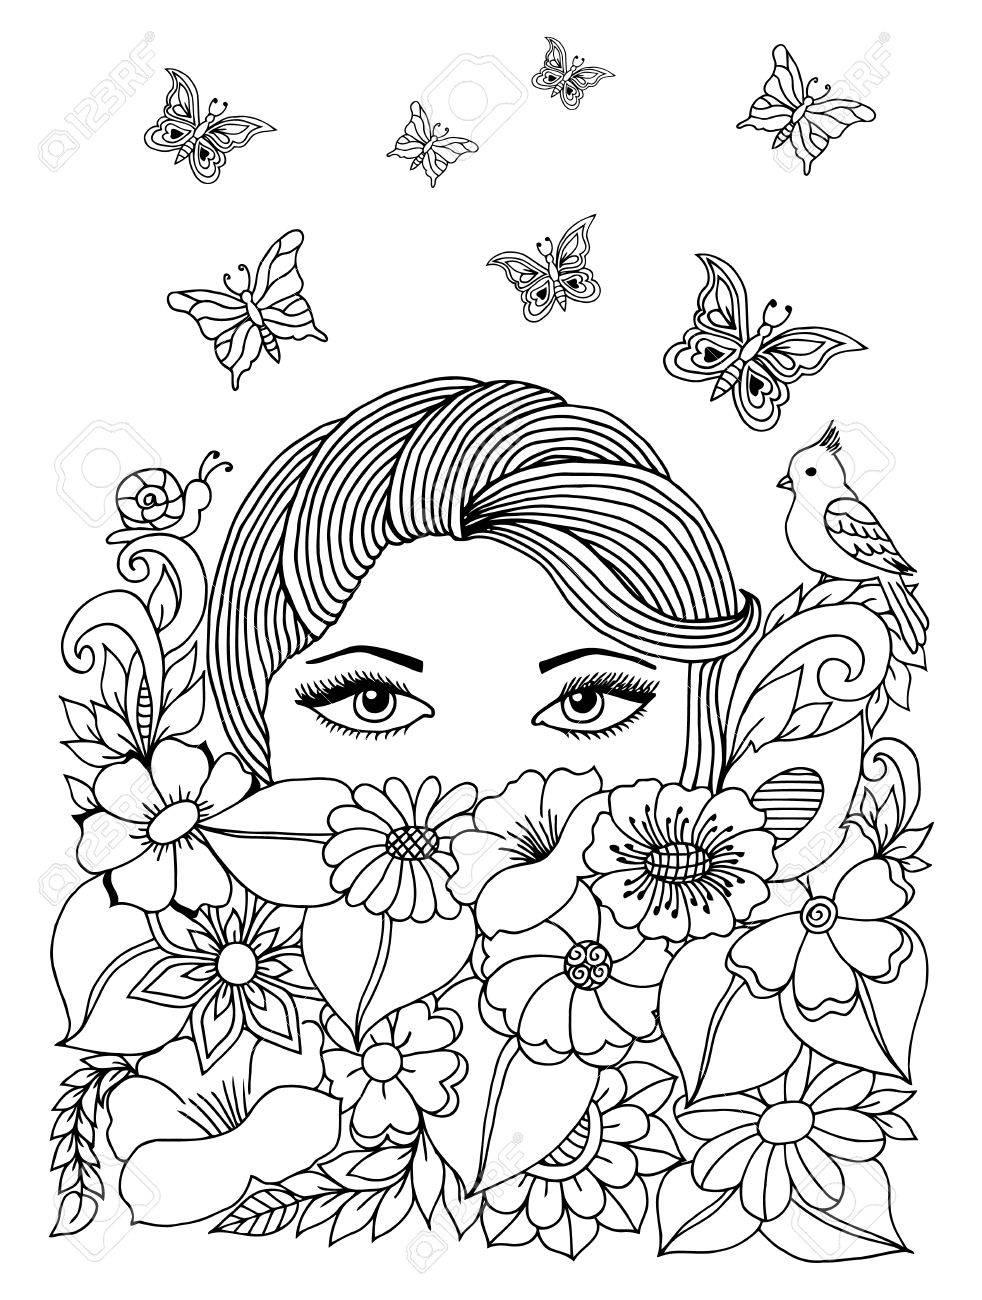 Niña Peeps Desde Debajo De Las Flores. Libro Para Colorear Anti ...